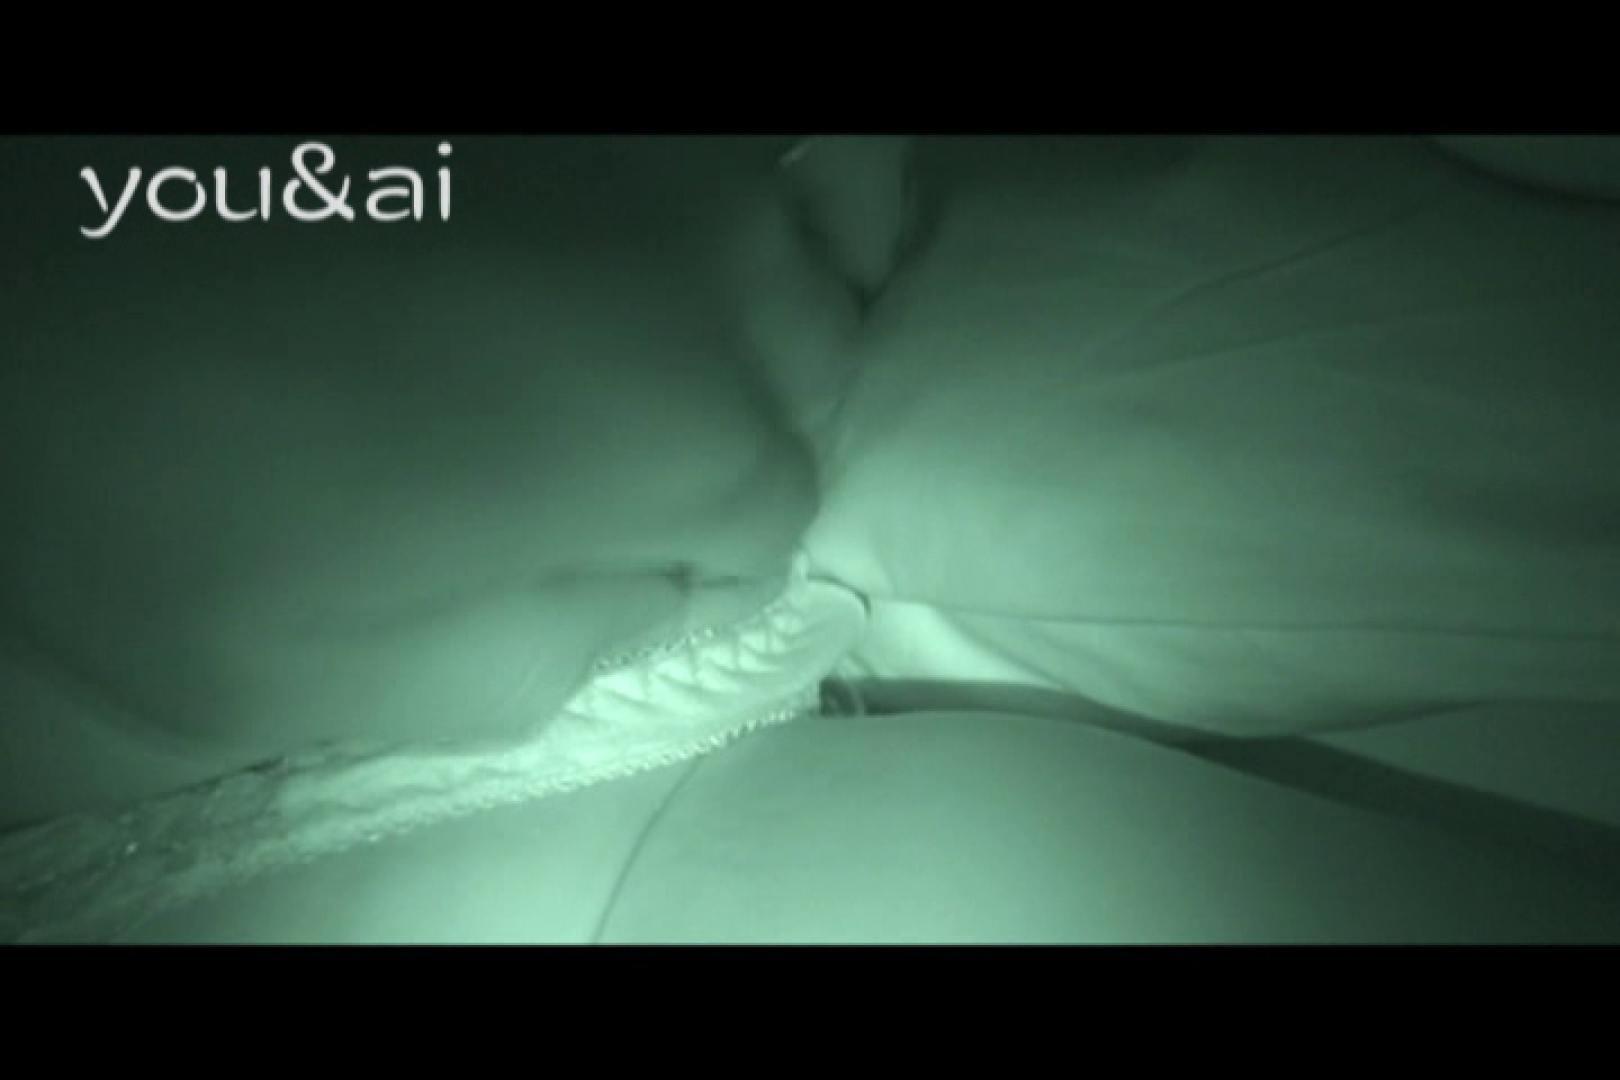 おしどり夫婦のyou&aiさん投稿作品vol.6 感じるセックス 盗撮動画紹介 38連発 9